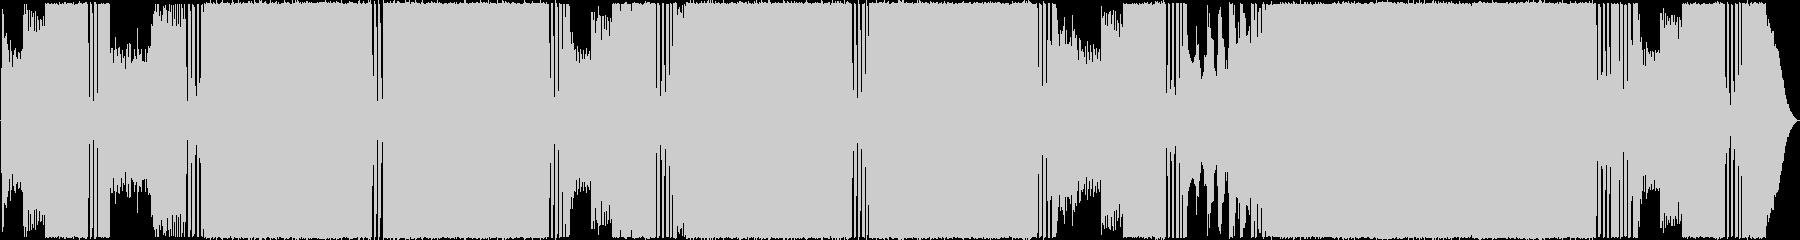 【生演奏ロック】疾走感/オープニング!!の未再生の波形